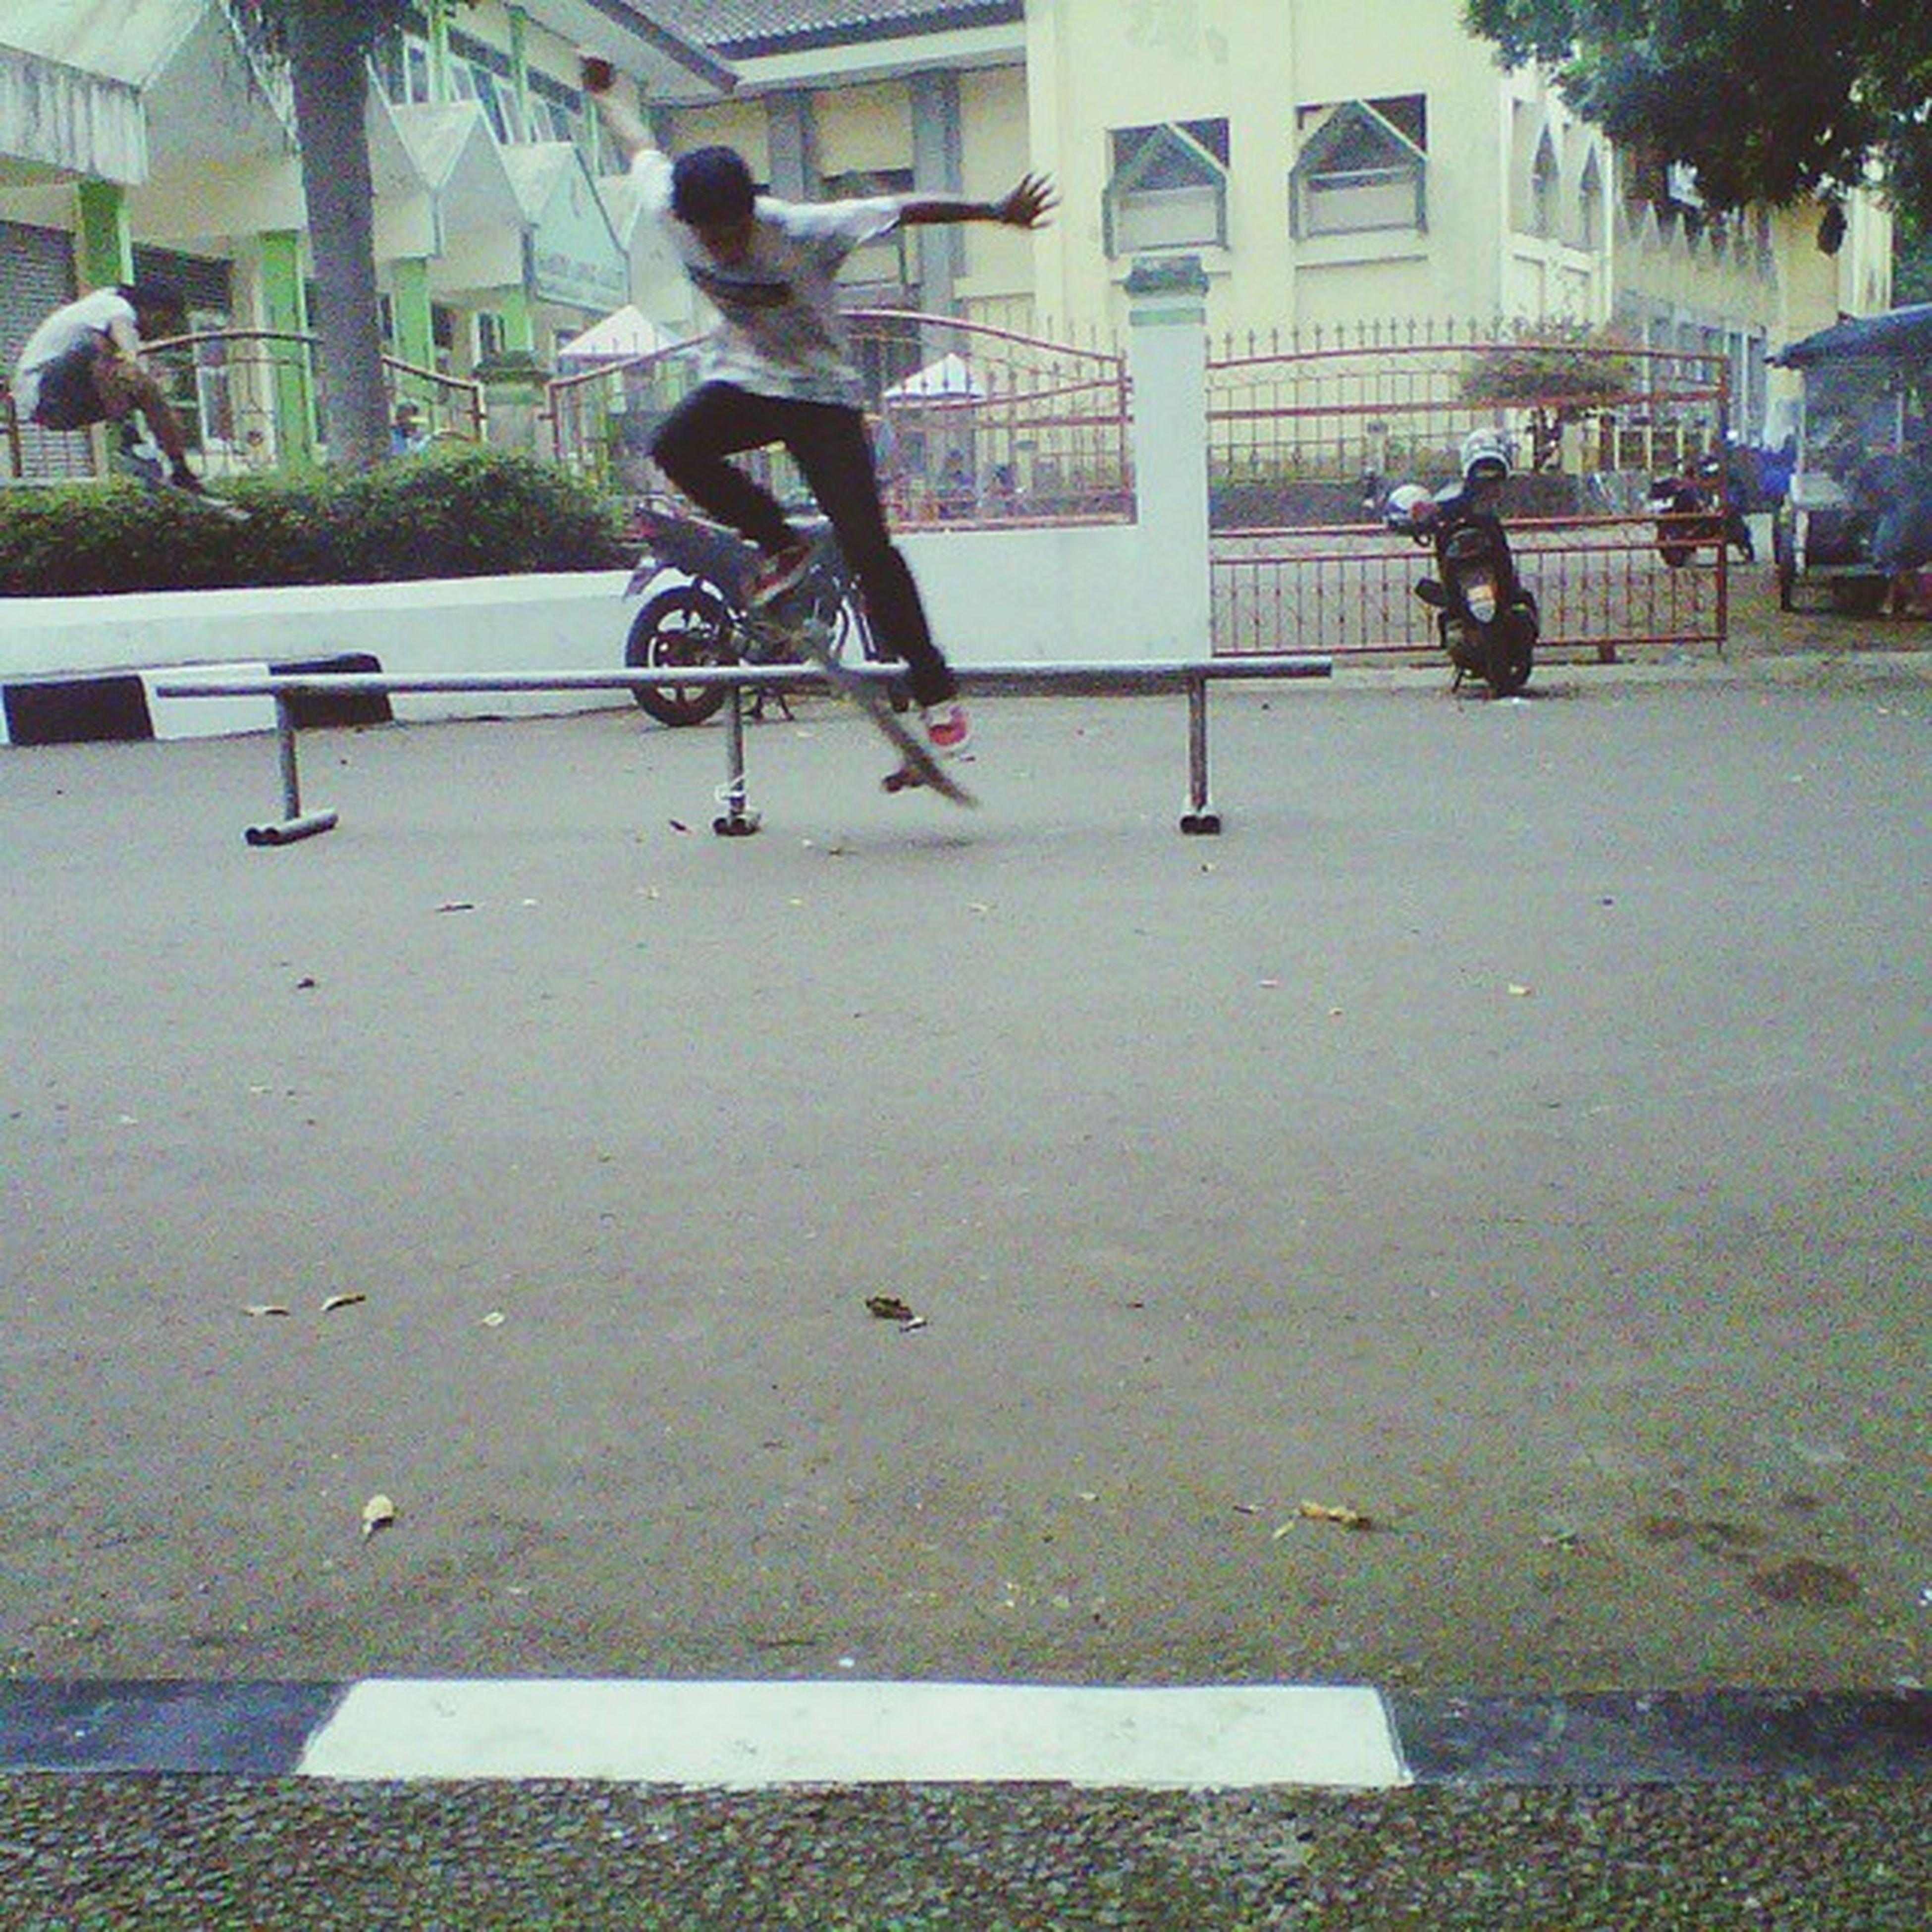 MyHobi Skate 21juni Usahain jadi :)